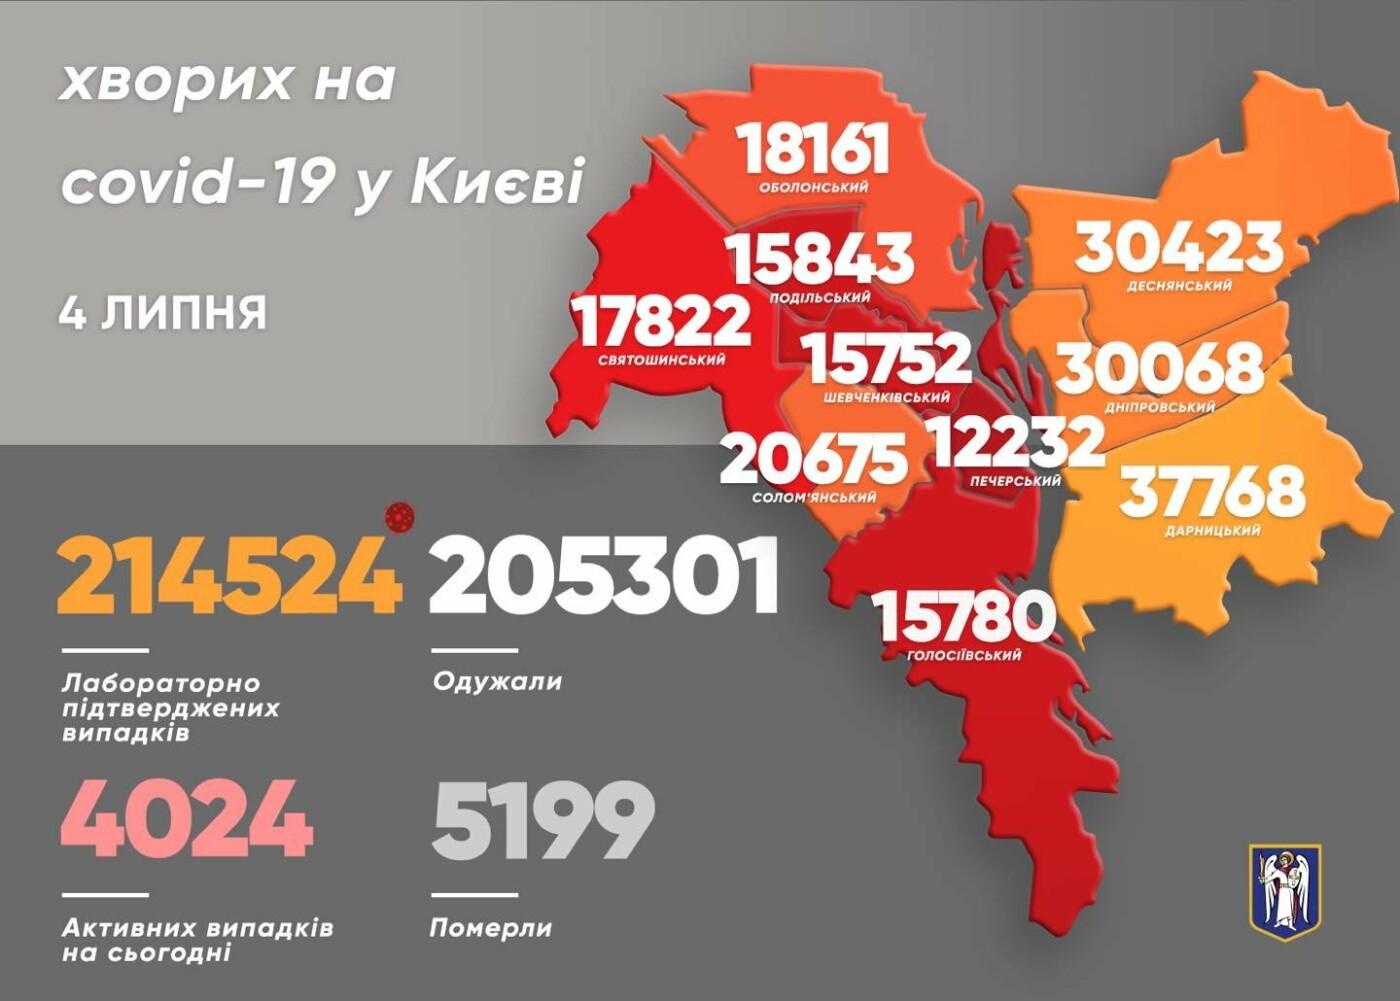 Статистика на 4 июля, Картинка: Виталий Кличко